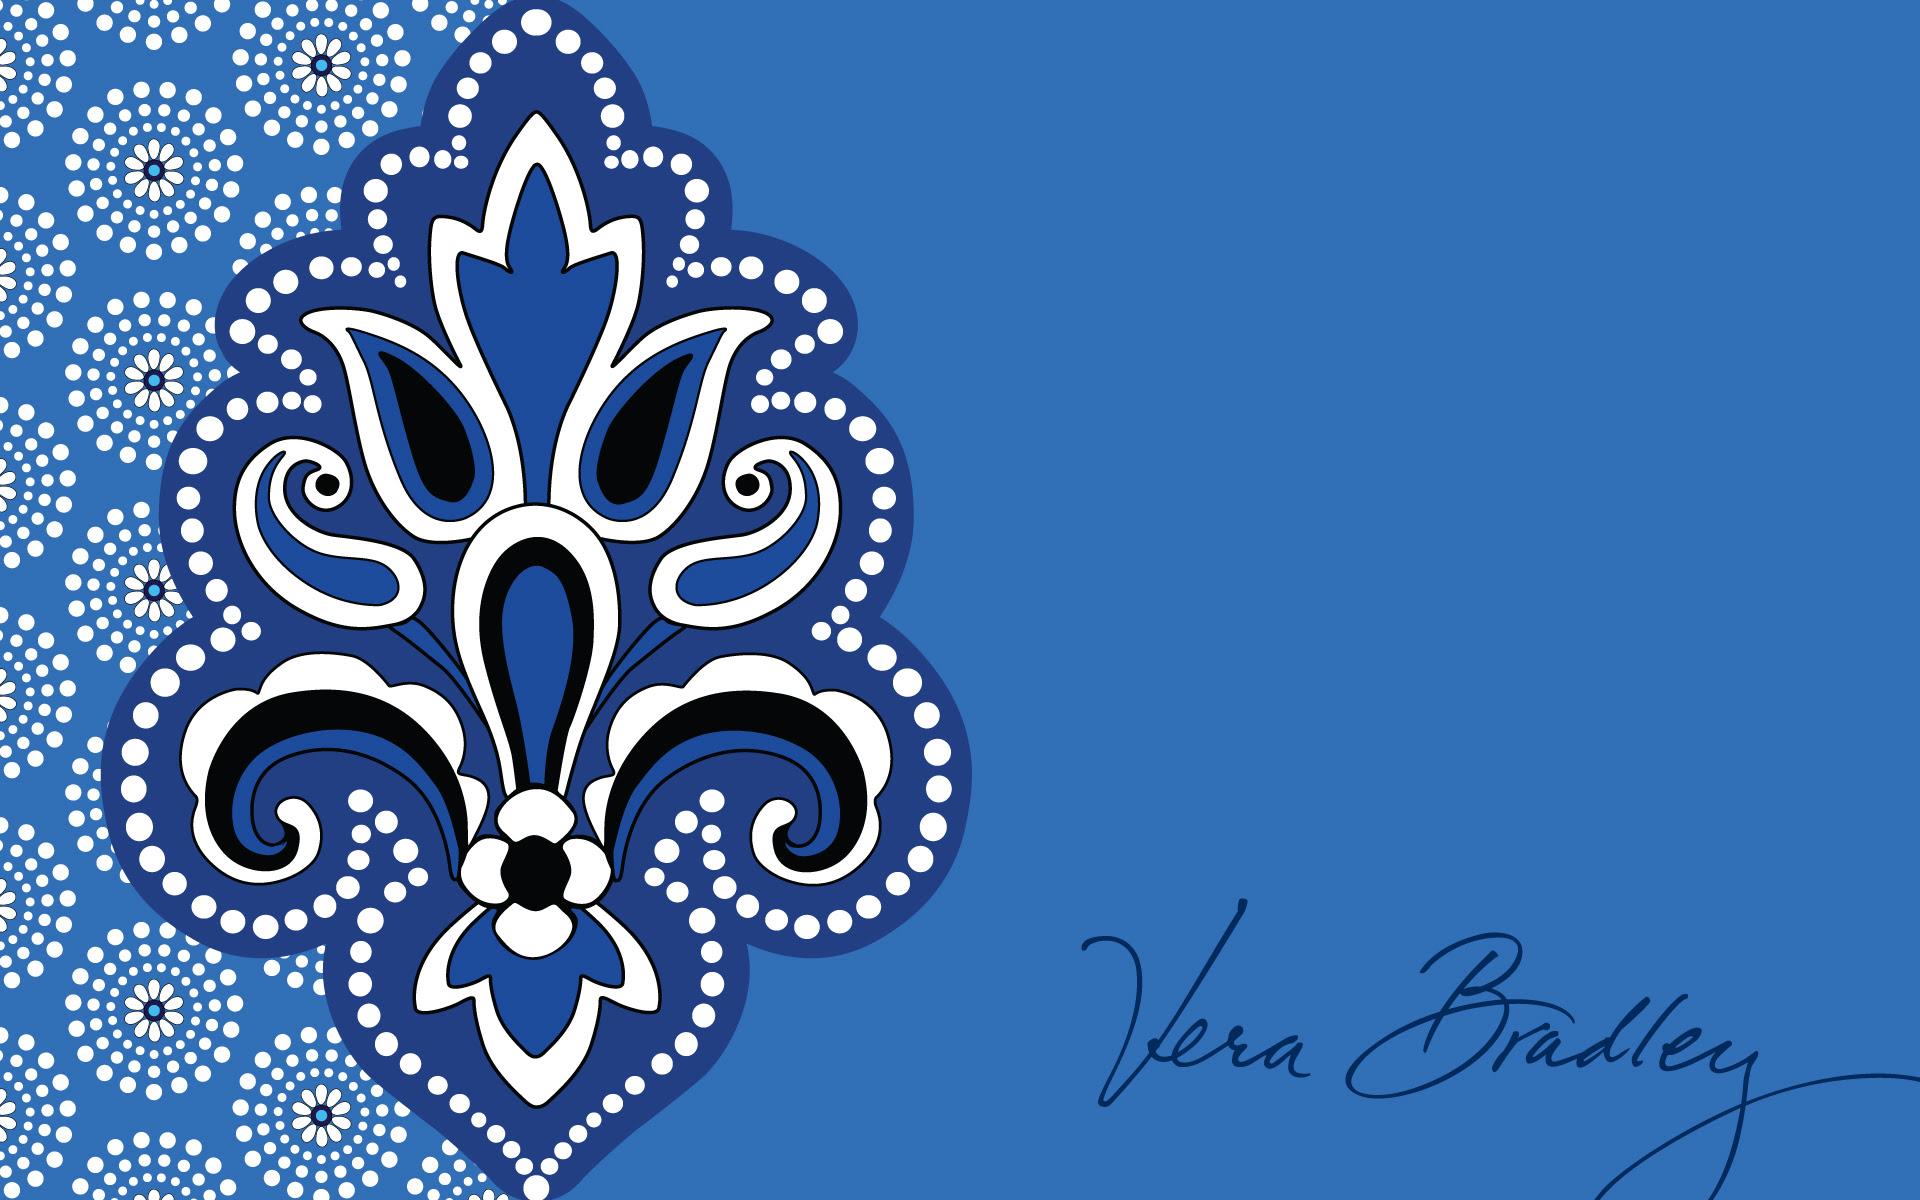 Vb Wallpapers Vera Bradley Wallpaper 35126665 Fanpop Page 10